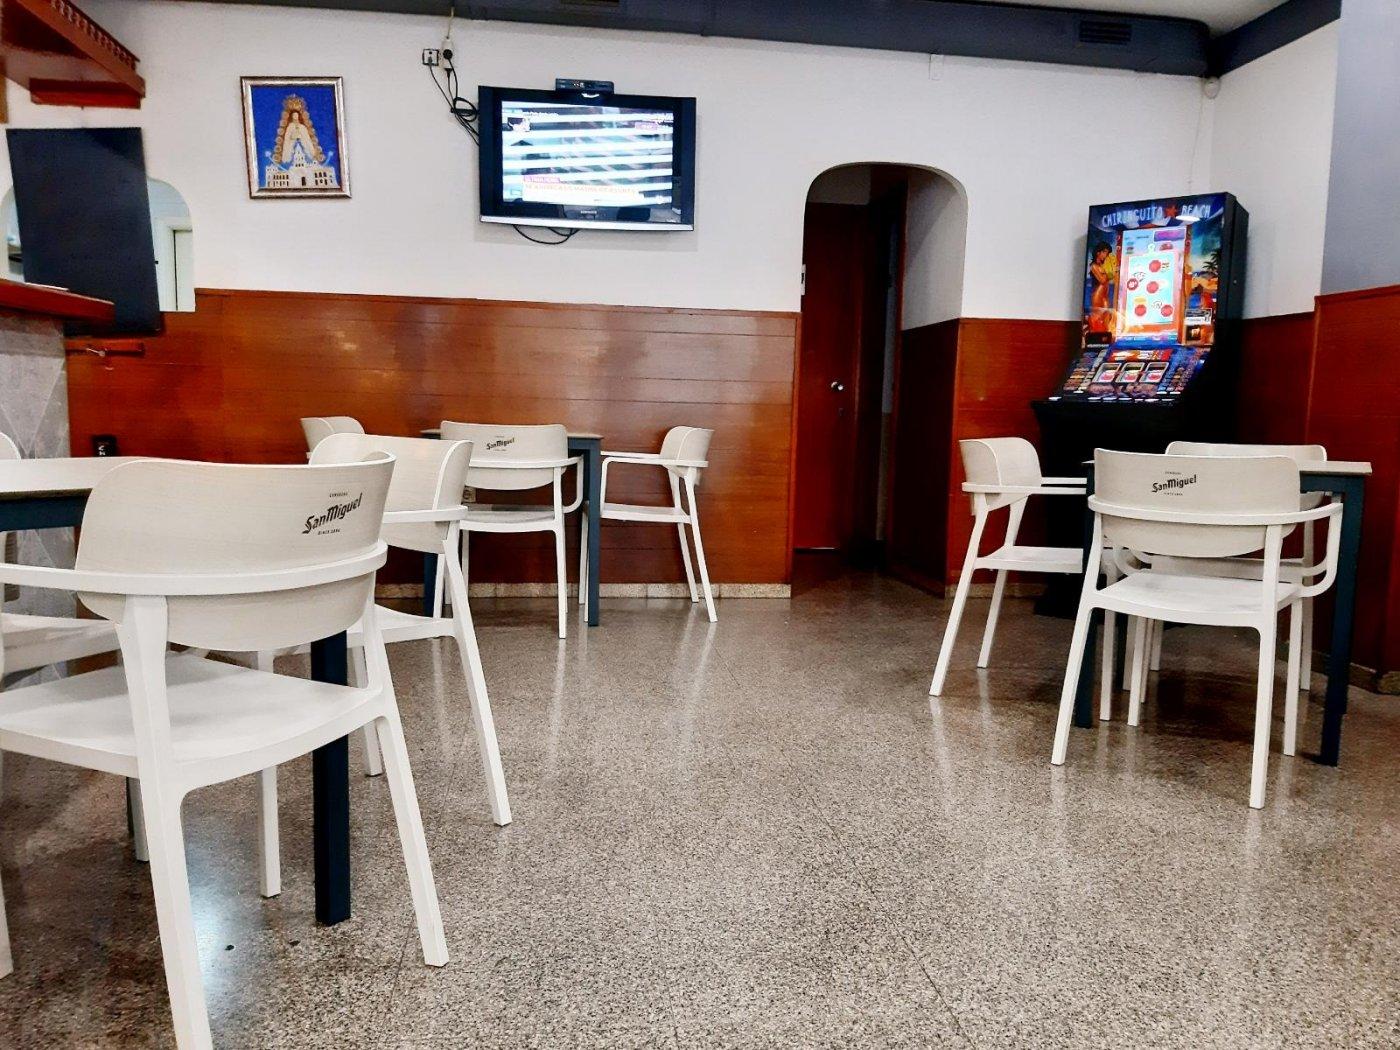 Oportunidad de traspaso de bar en excelente ubicación. centro de palma - imagenInmueble6